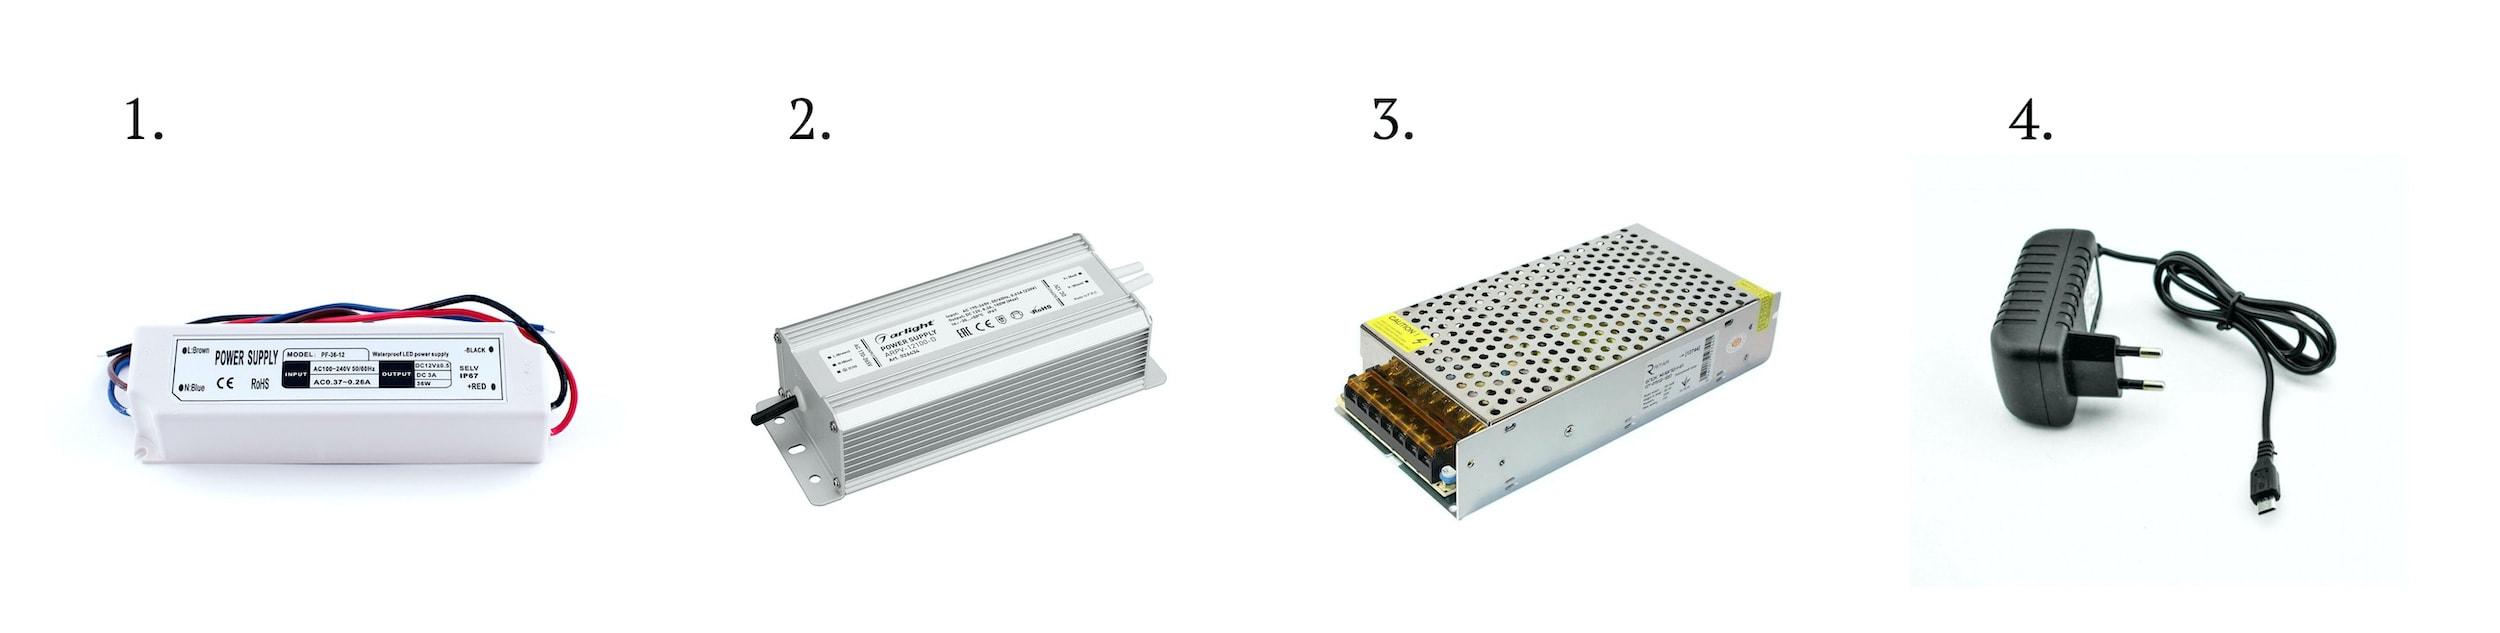 Блоки питания для светодиодной подсветки: 1 – герметичный пластиковый блок, 2 – герметичный алюминиевый блок, 3 – блок с перфорированным корпусом, 3 – сетевой блок